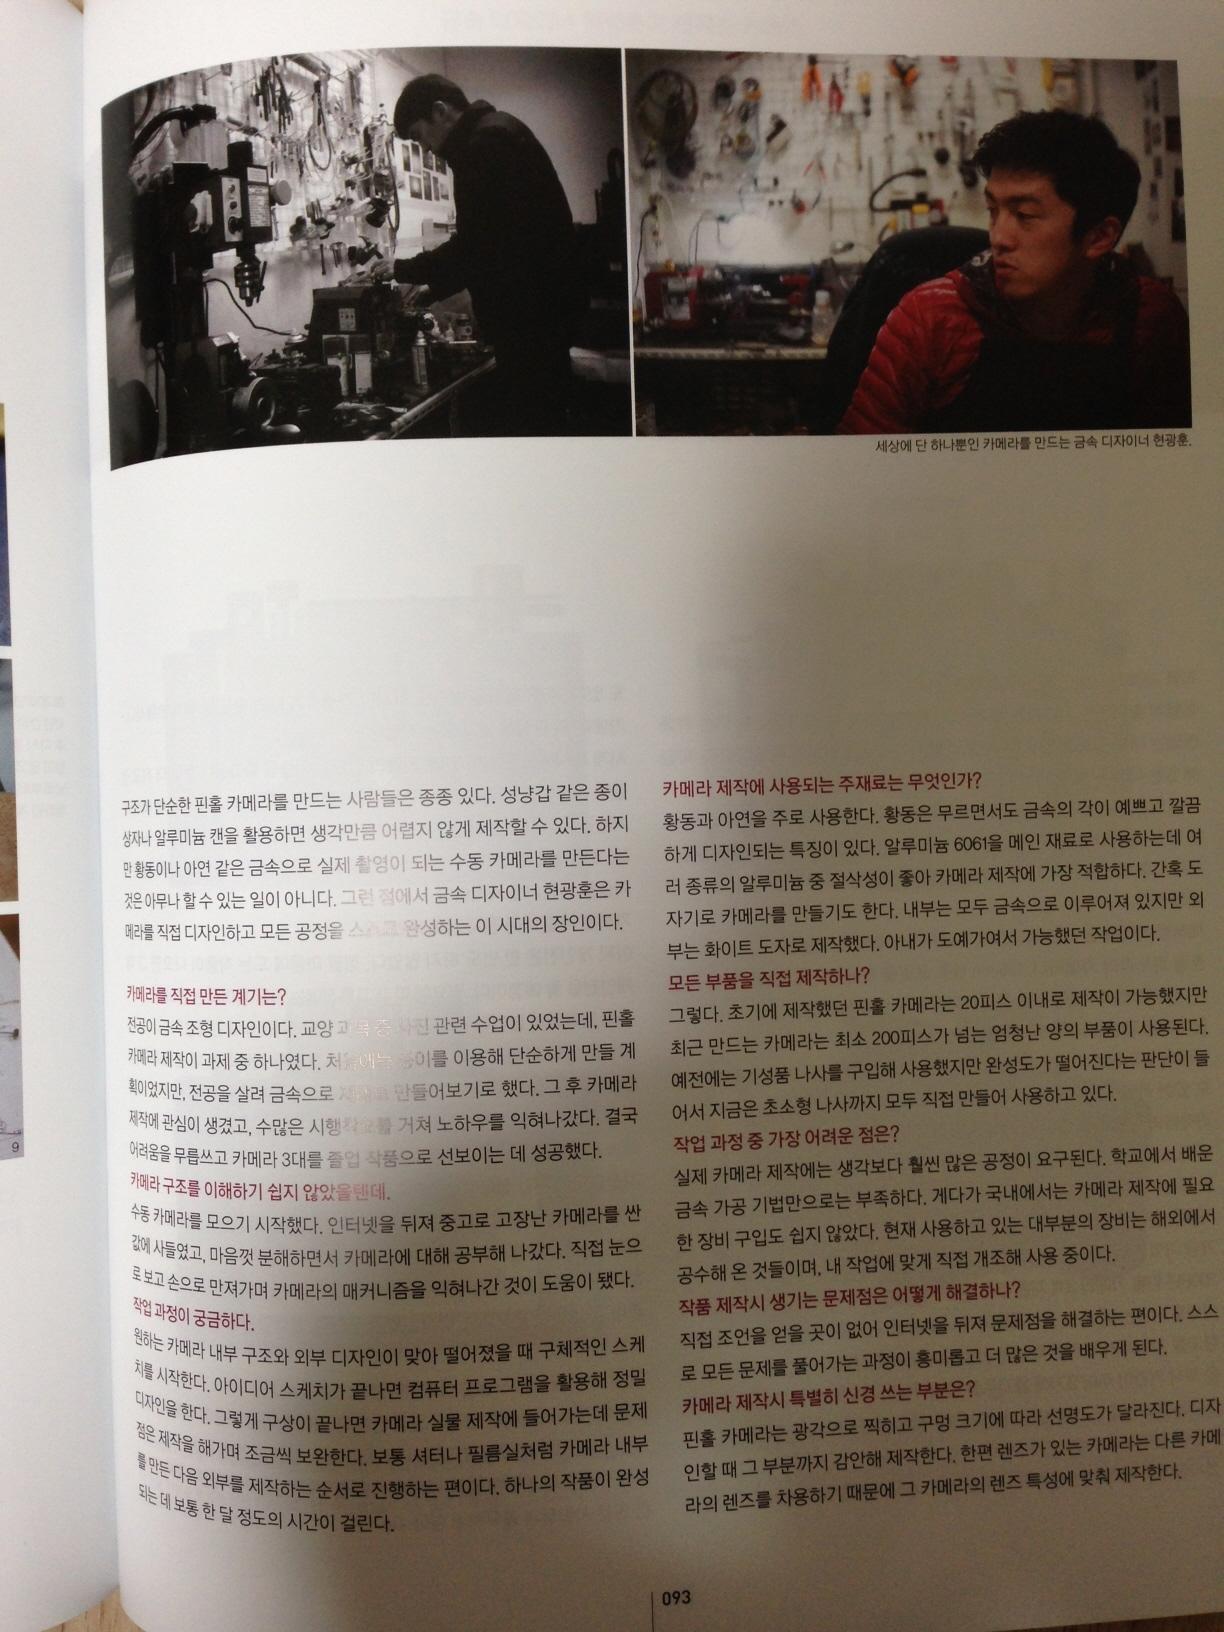 월간사진4월호사진 1 (2).JPG